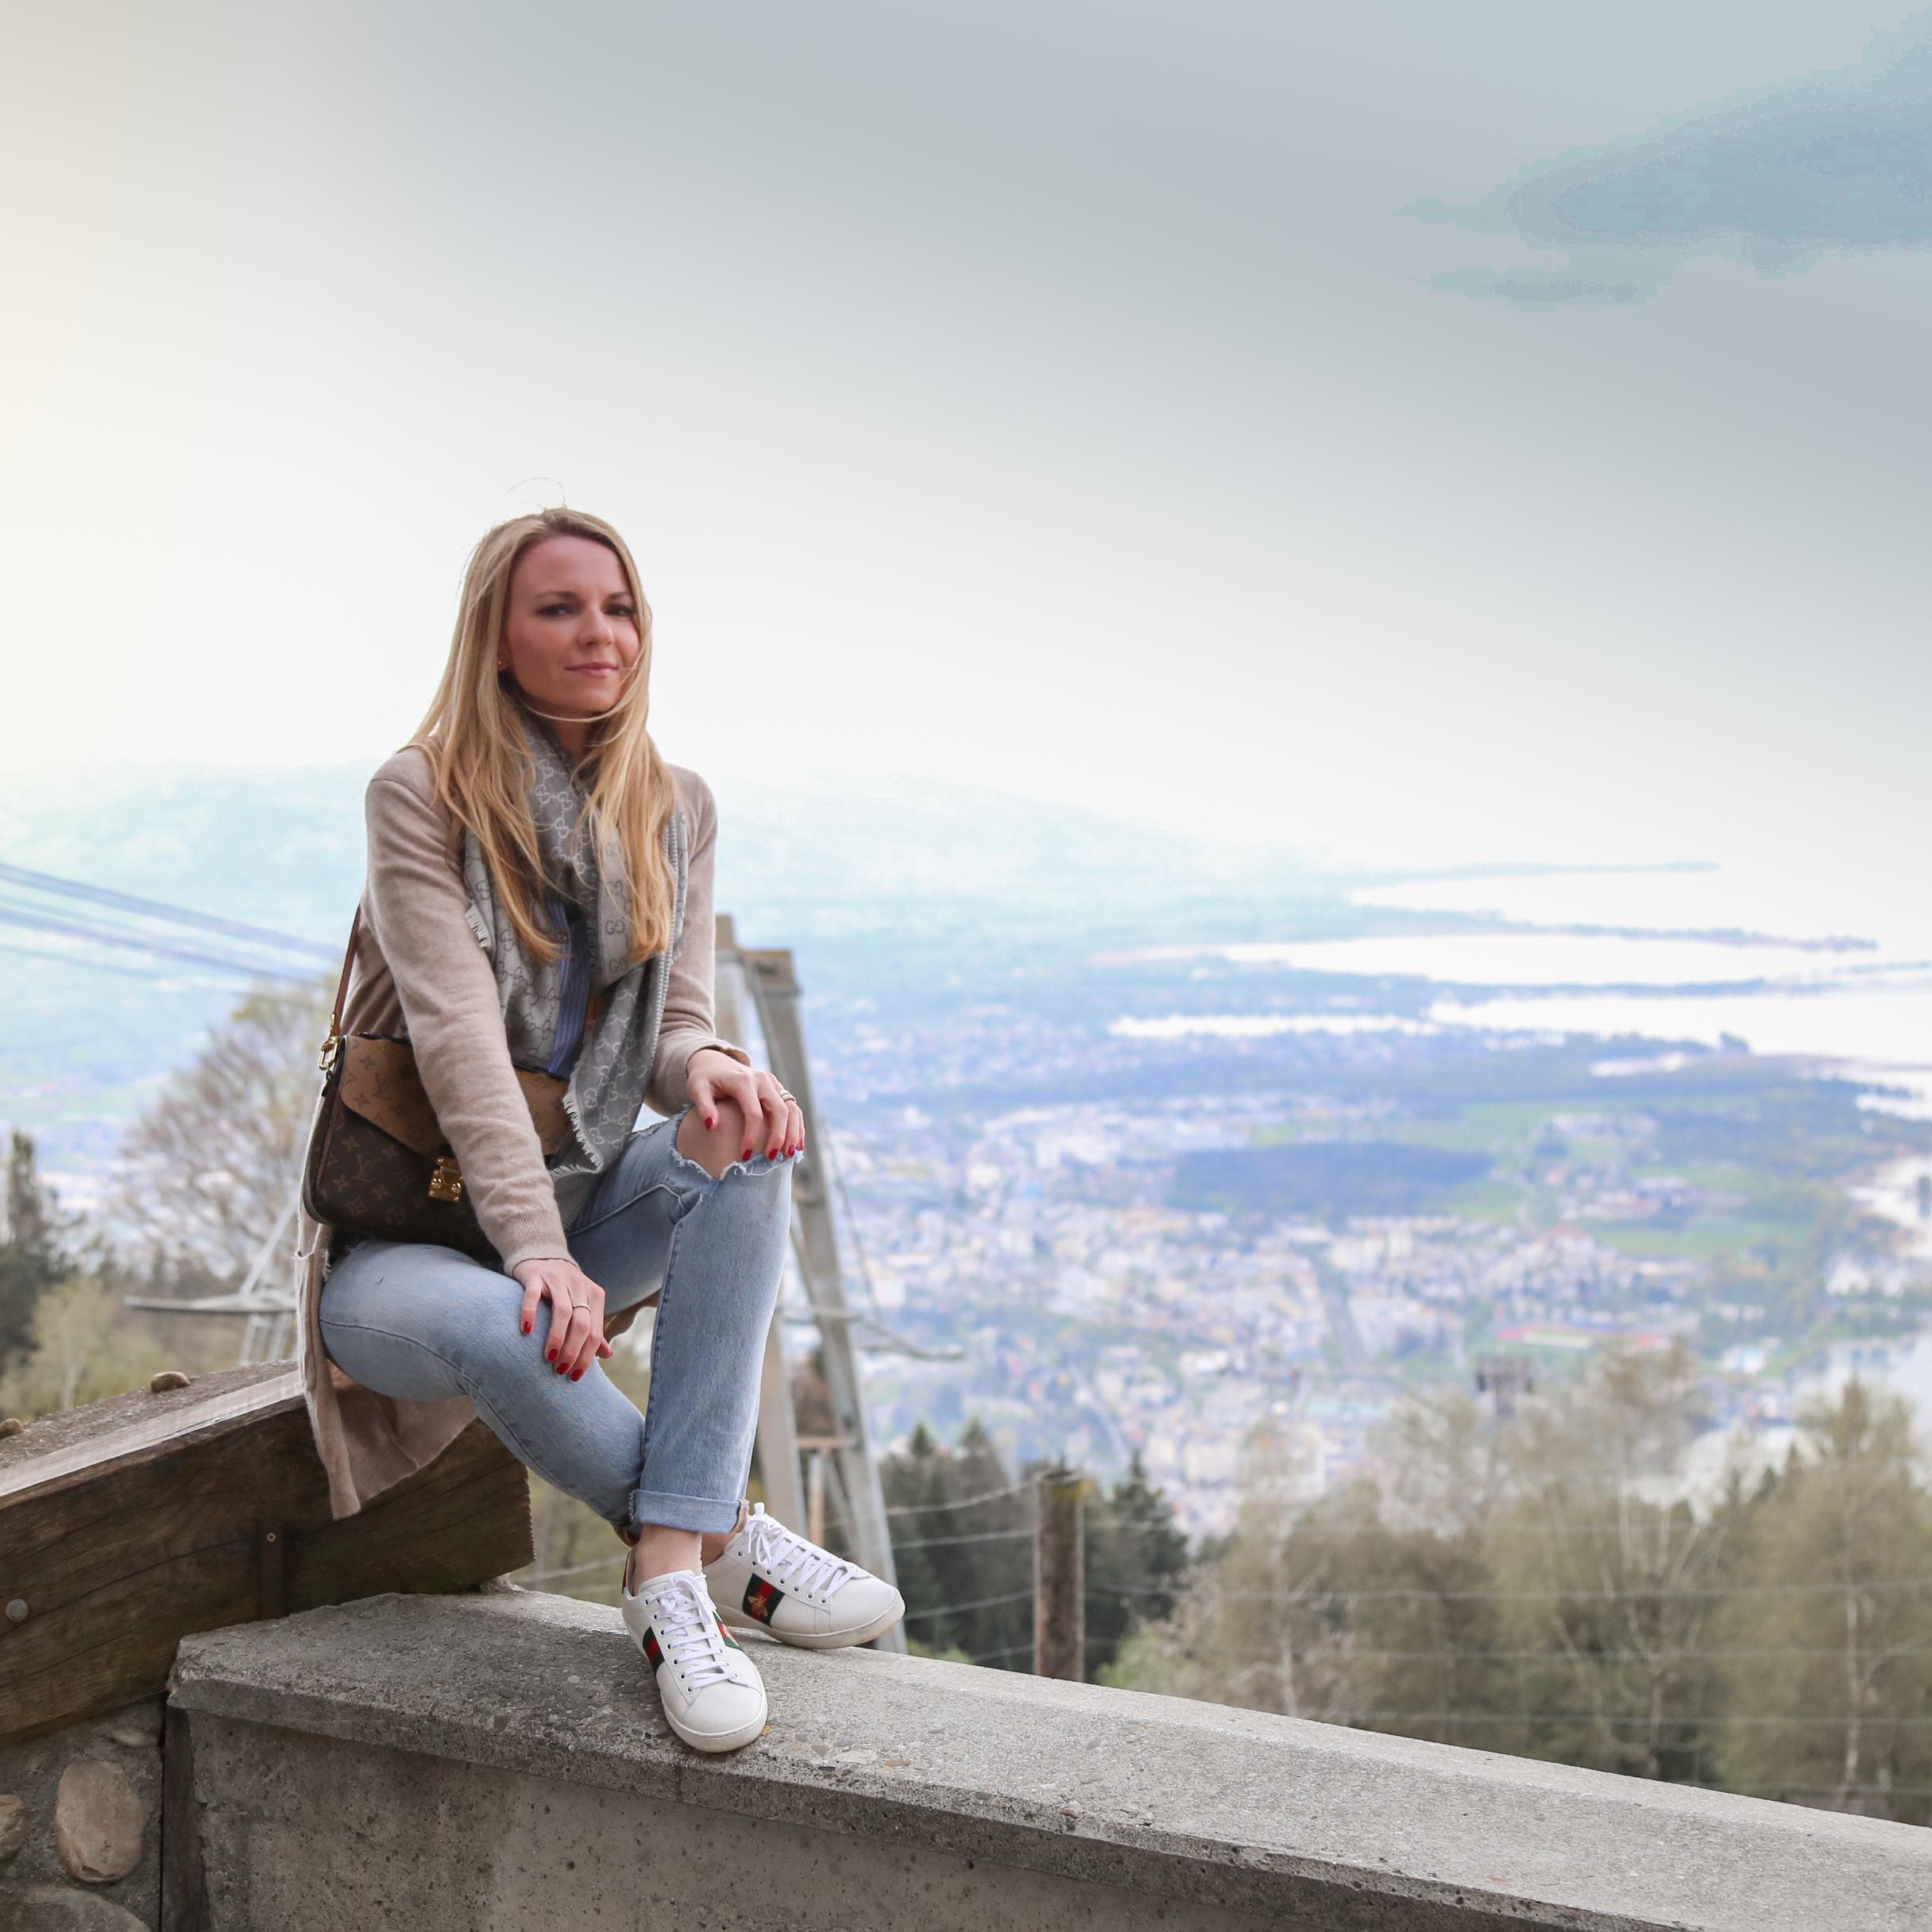 WEEKLY REVIEW und Grüße vom Bodensee Shopping Reisen Traveling Hotel Jennifer PepperAndGold MacBook Apple Tods Umzug Moving NeueWohnung Ostern Easter Kurztripp München Munich MacBookPro